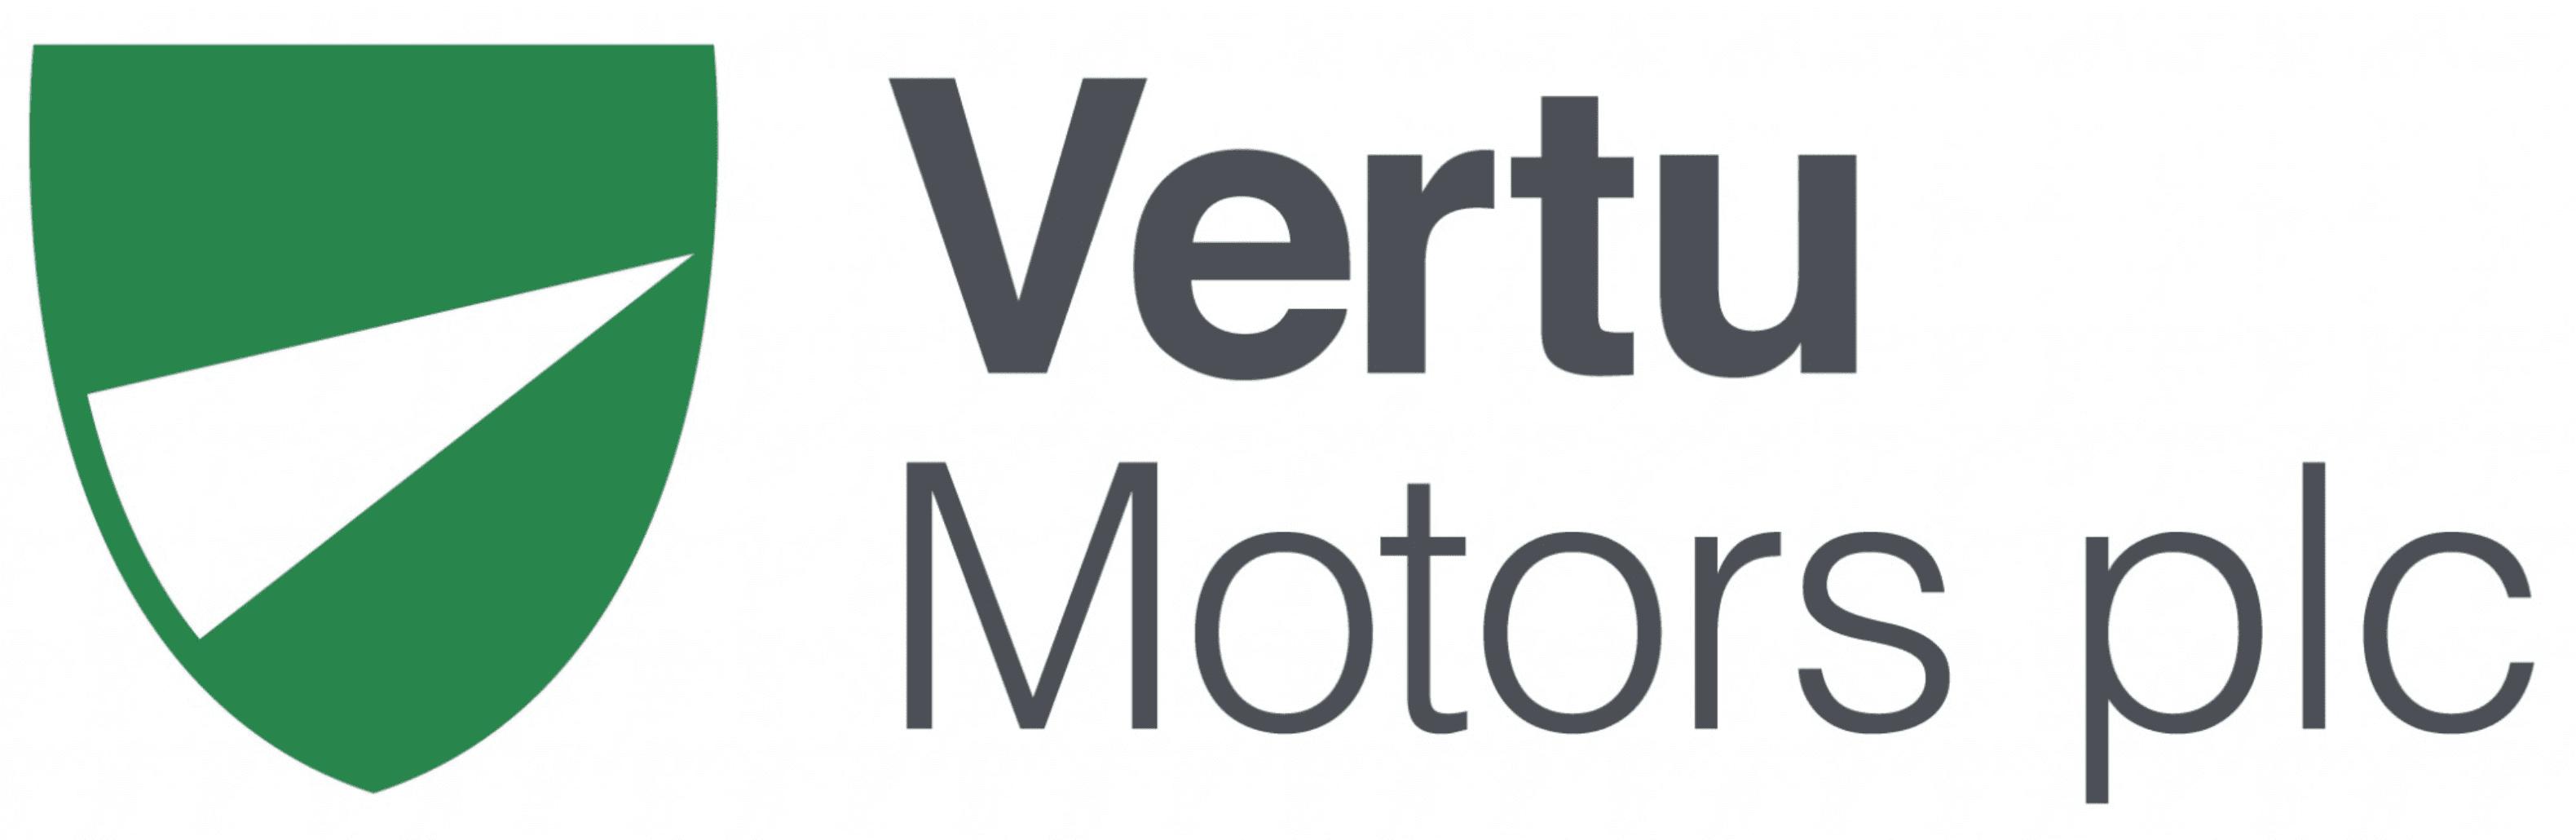 Vertu Motors